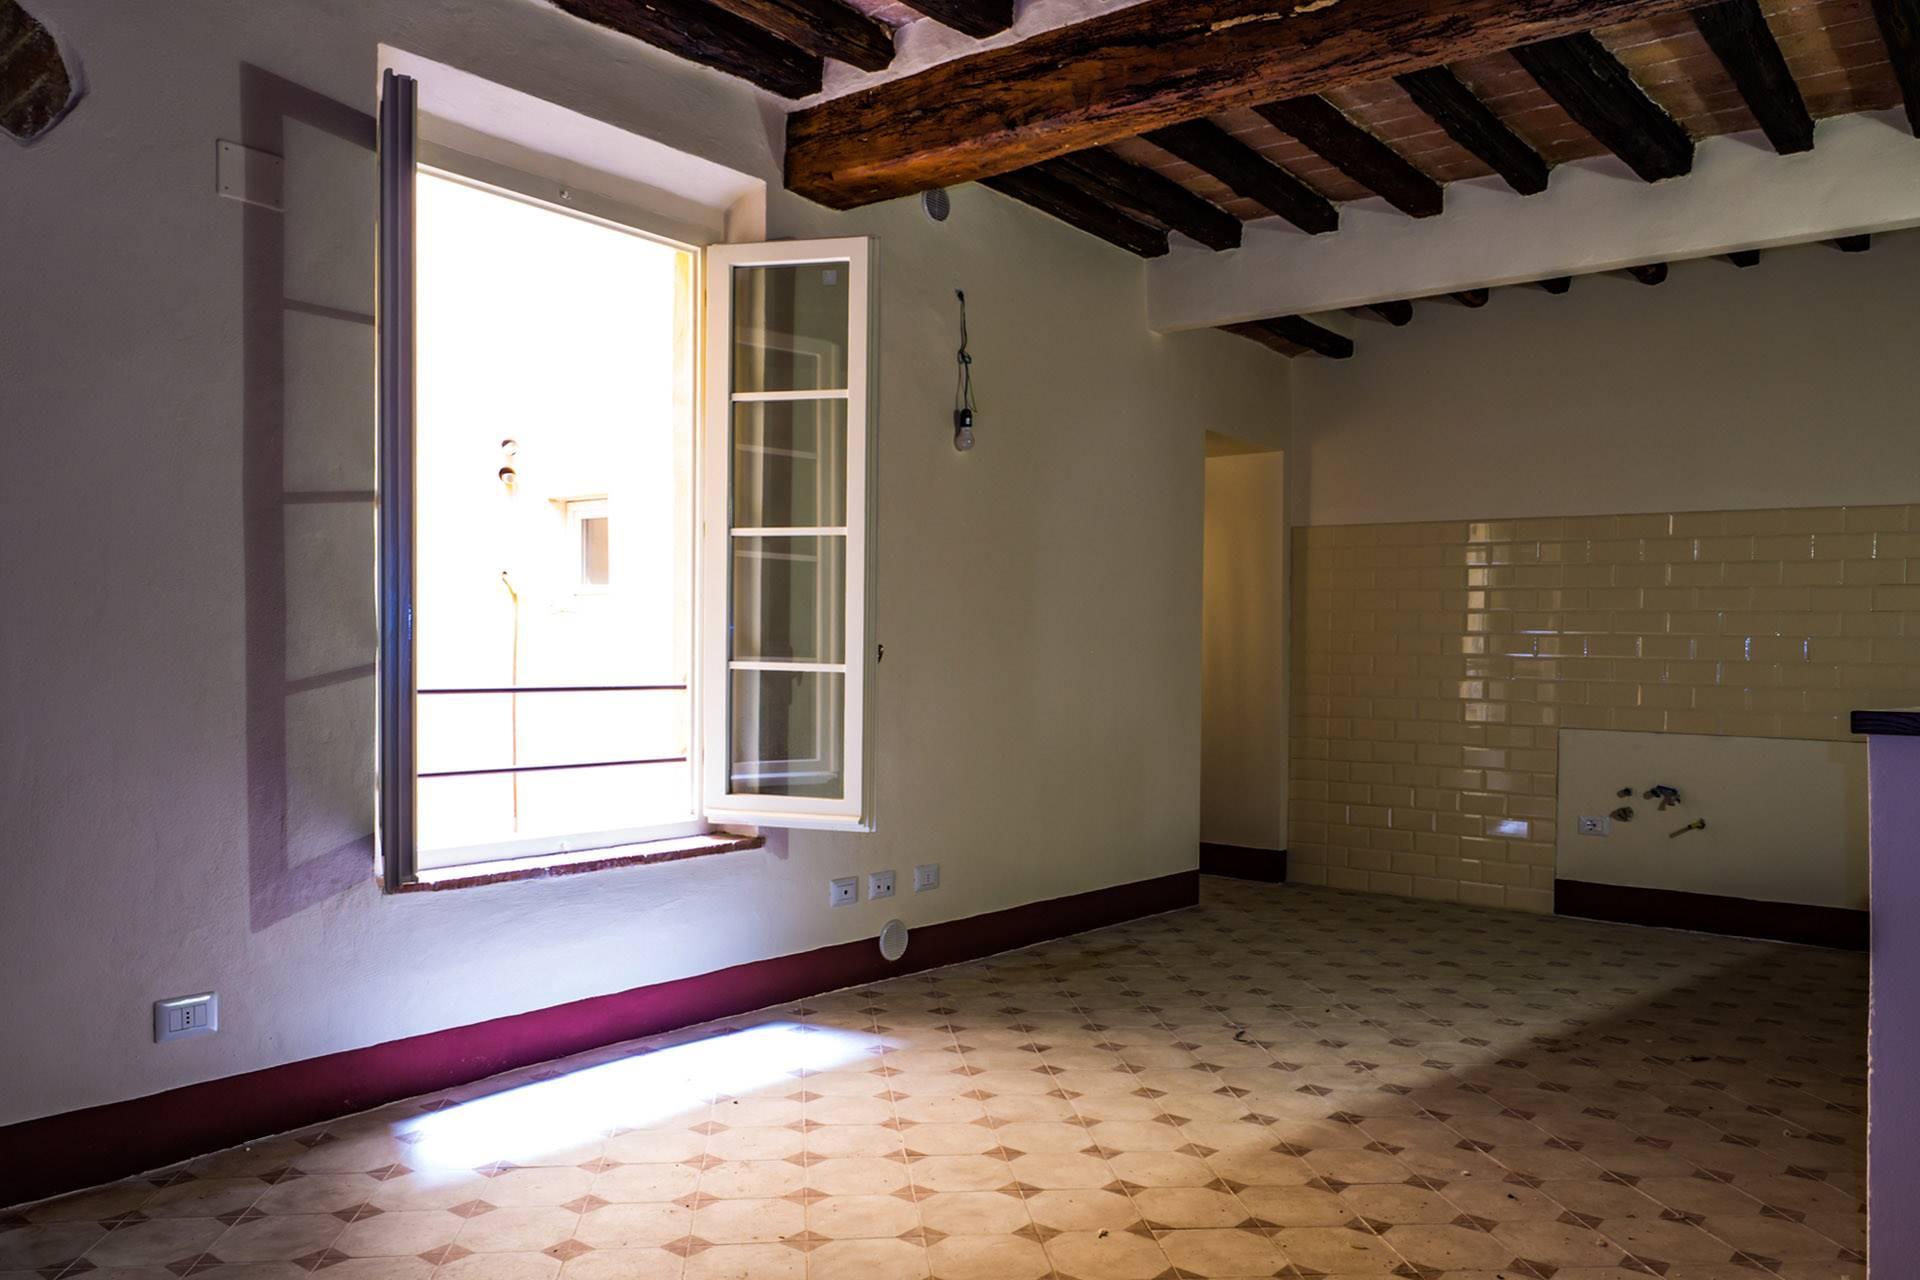 Appartamento posto al 2° piano di un edificio condominiale privo di ascensore, in posizione centrale a breve distanza da Piazza del Campo.